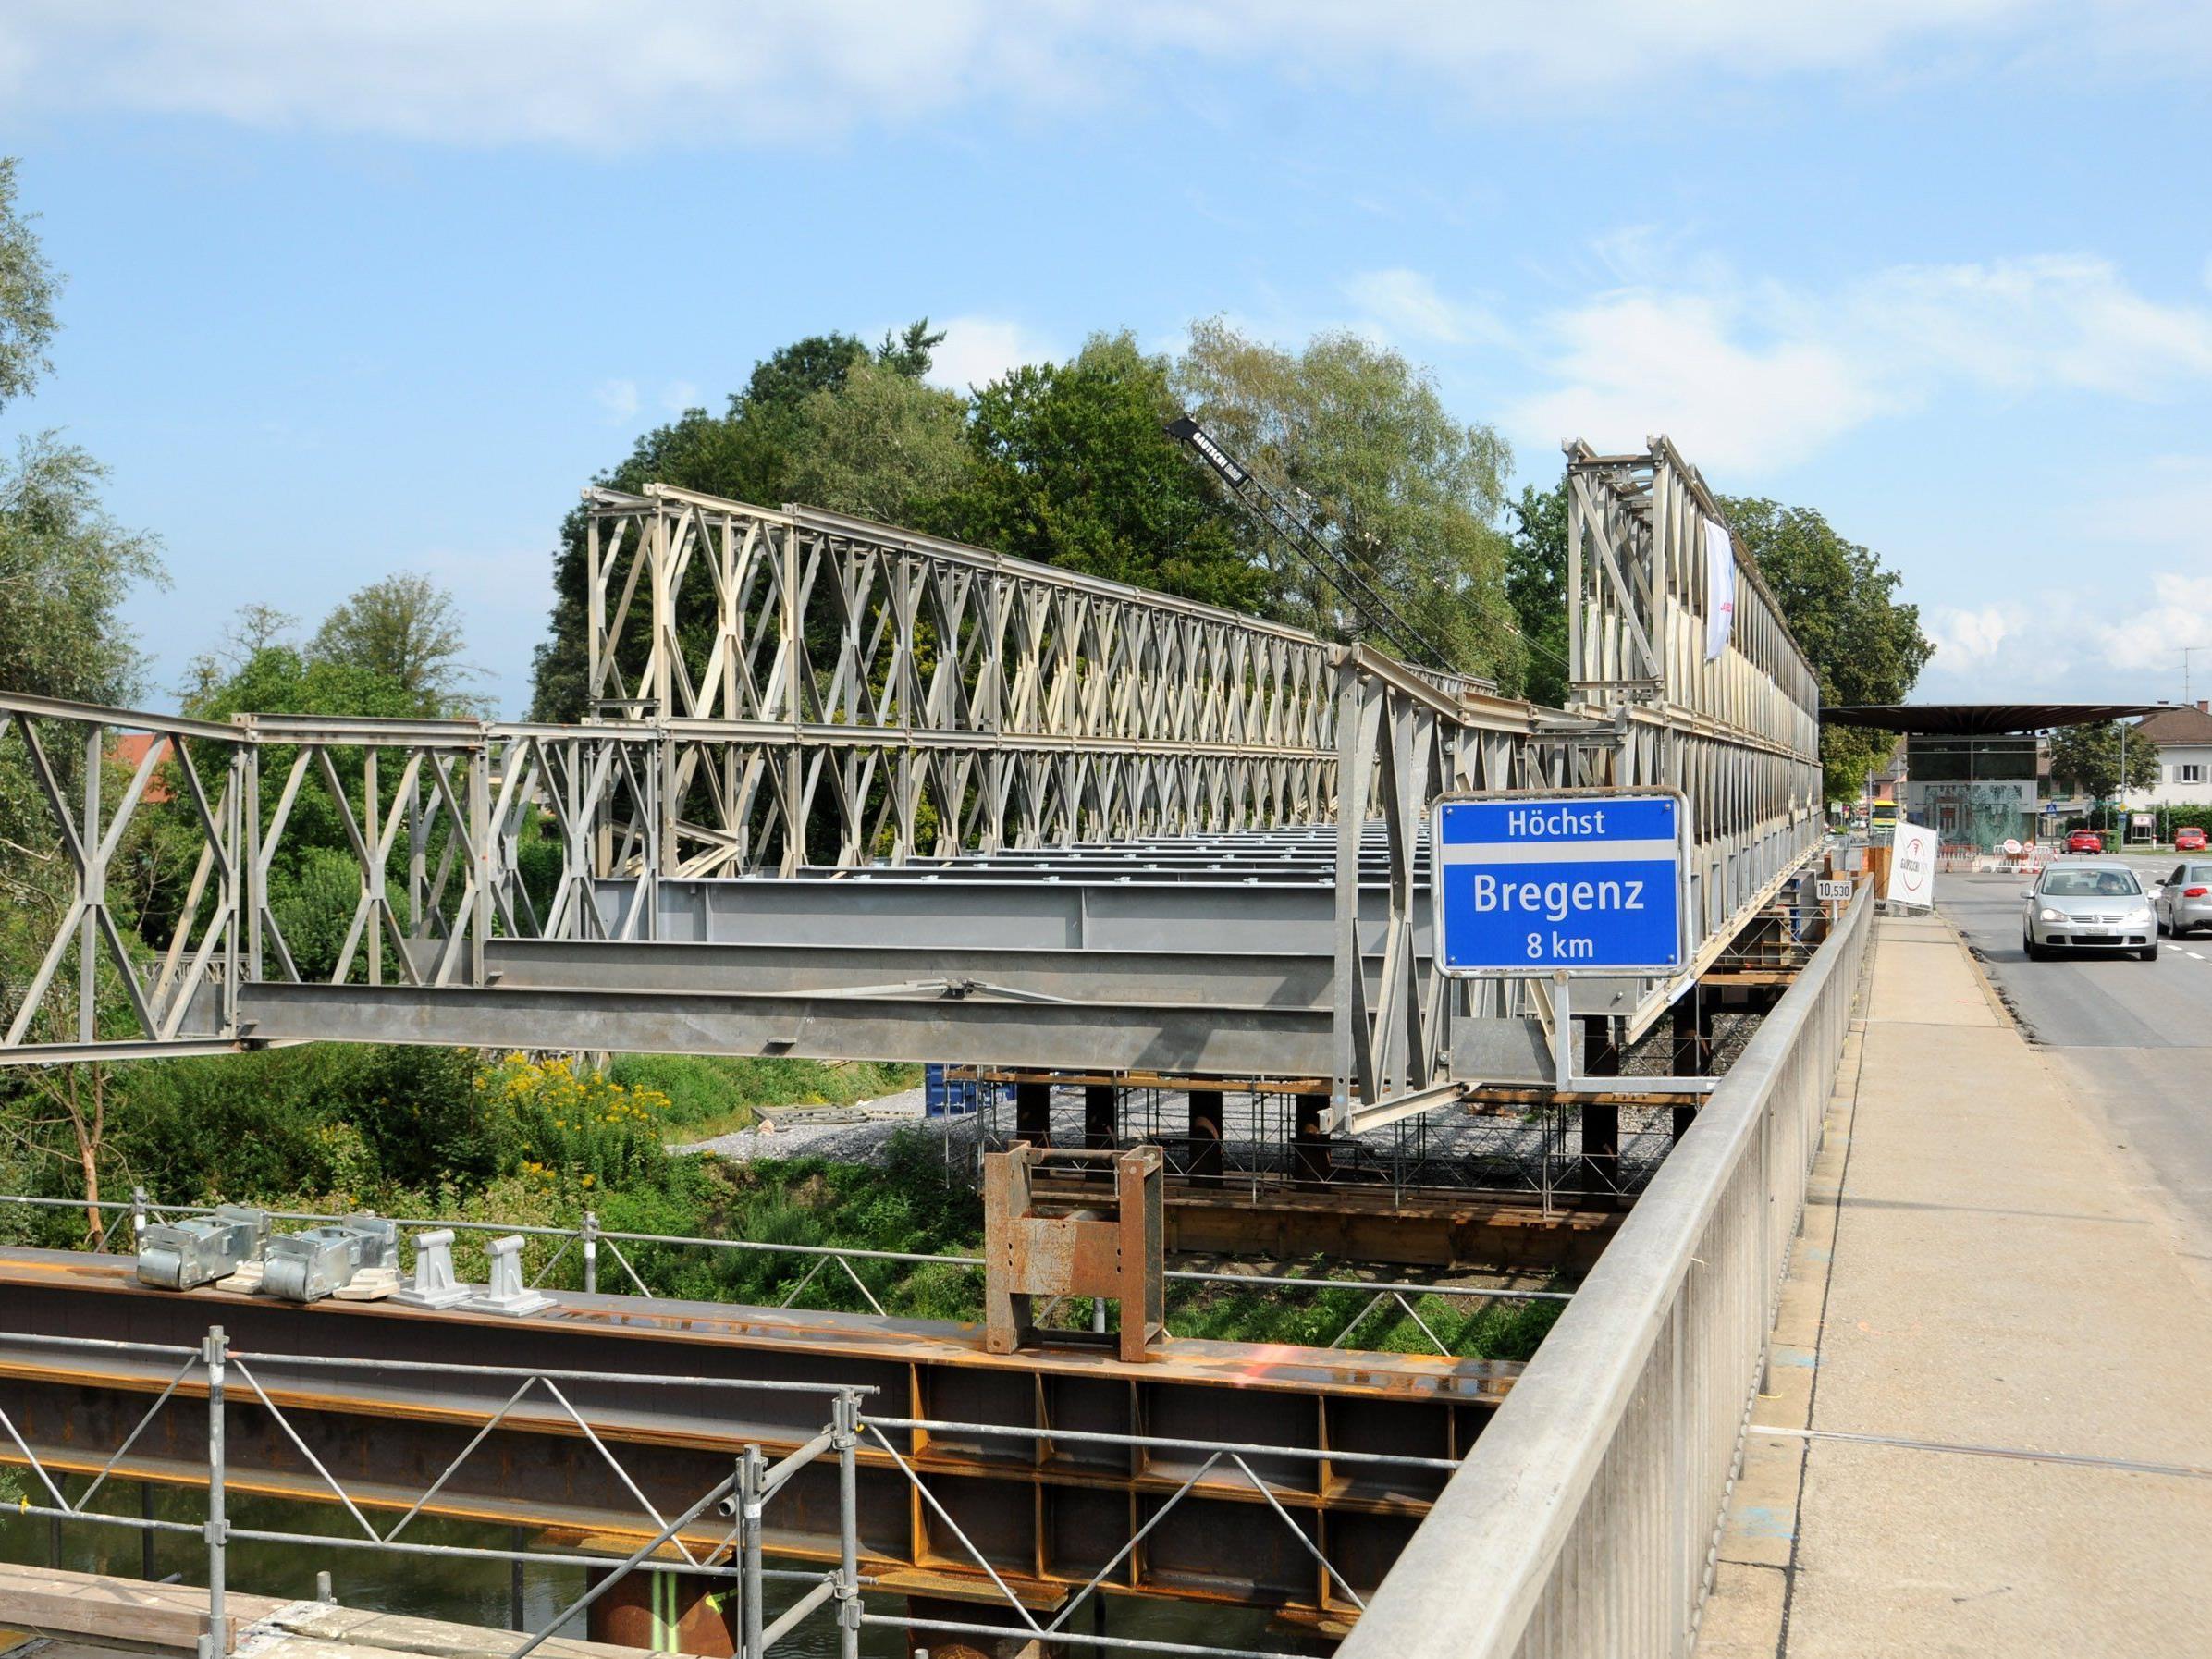 Derzeit wird die Ersatzbrücke über die Grenze am Alten Rhein errichtet